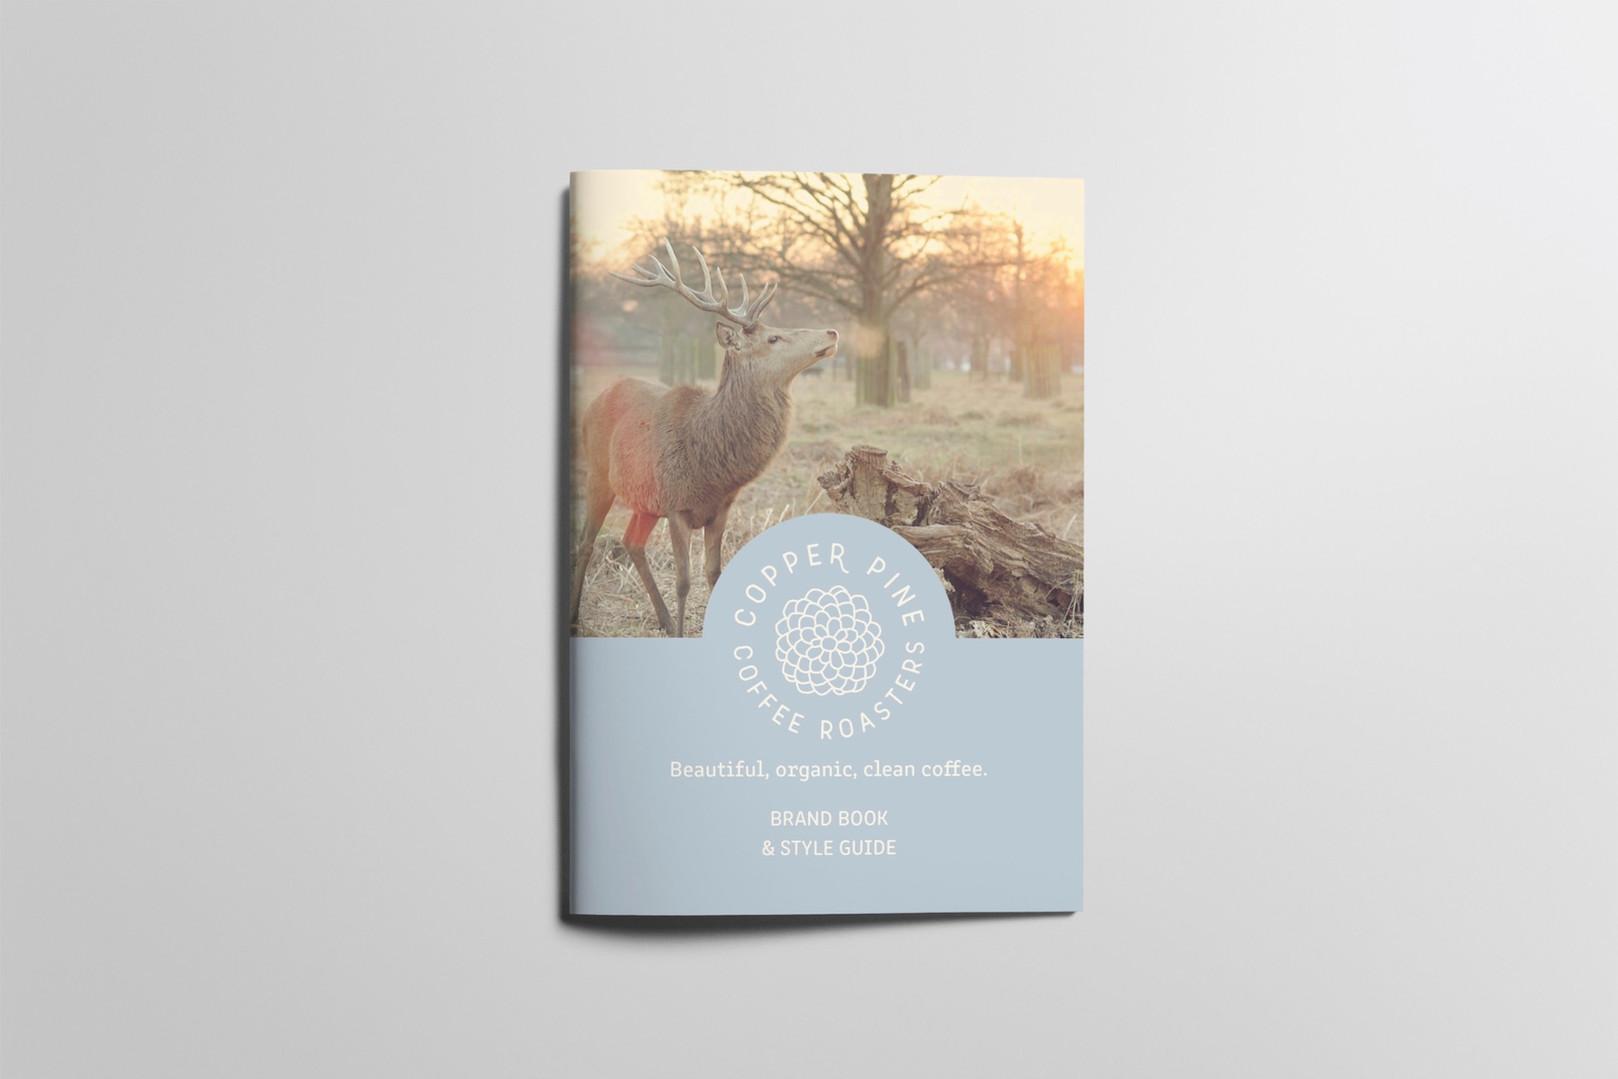 Copper Pine Coffee brand book